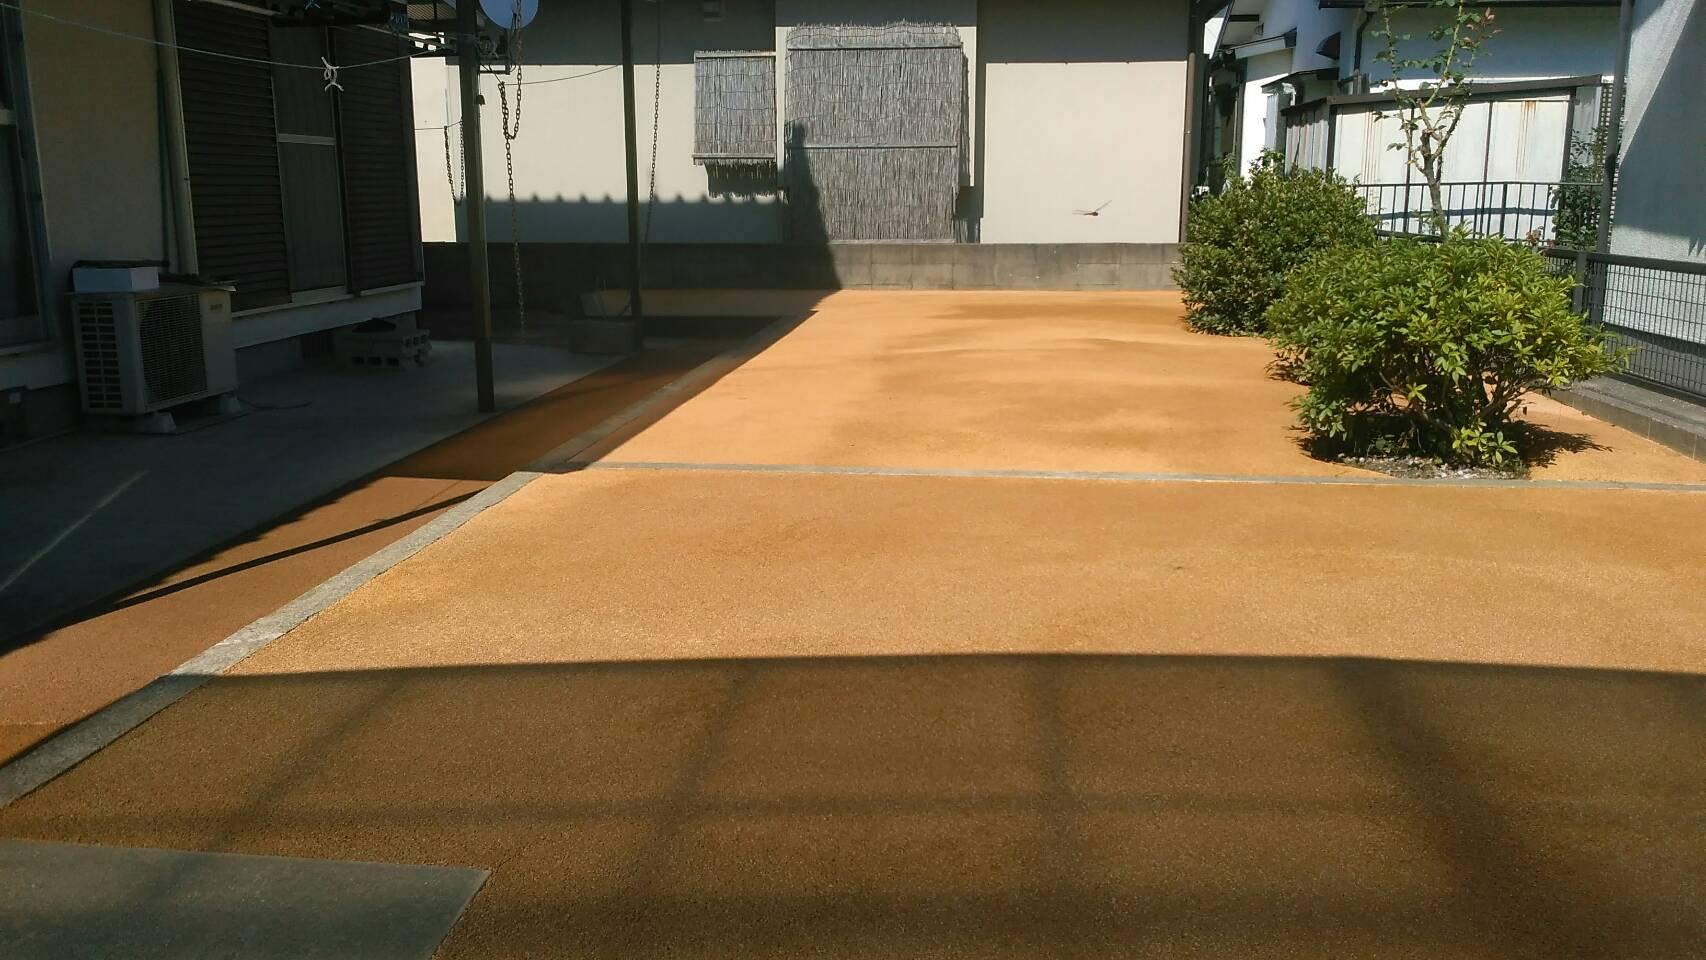 7/11施工 遠賀郡、N邸防草工事 家の周り全体を施工しました。